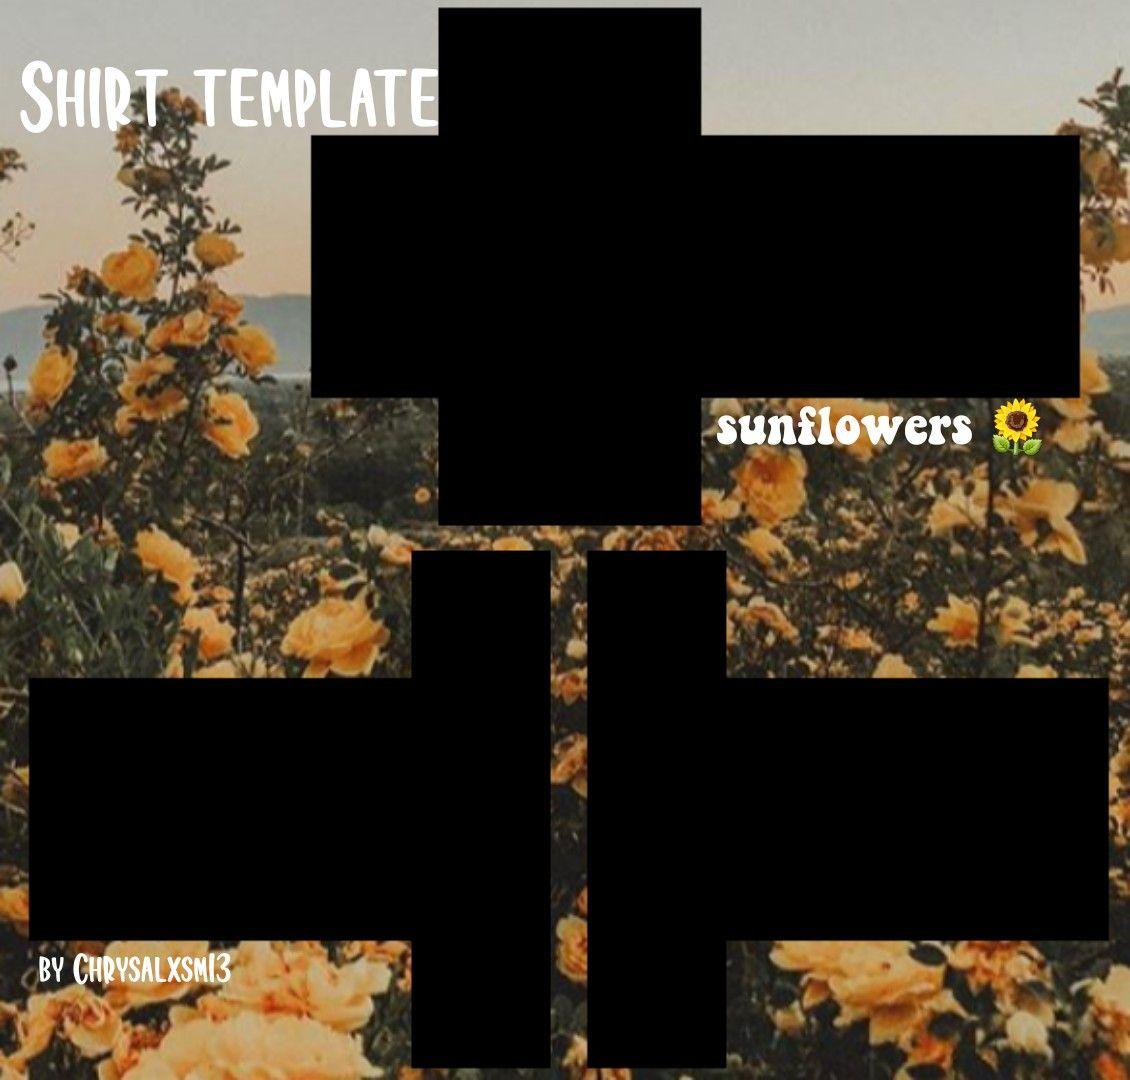 Sunflower Roblox Shirt Template In 2020 Roblox Shirt Shirt Template Roblox